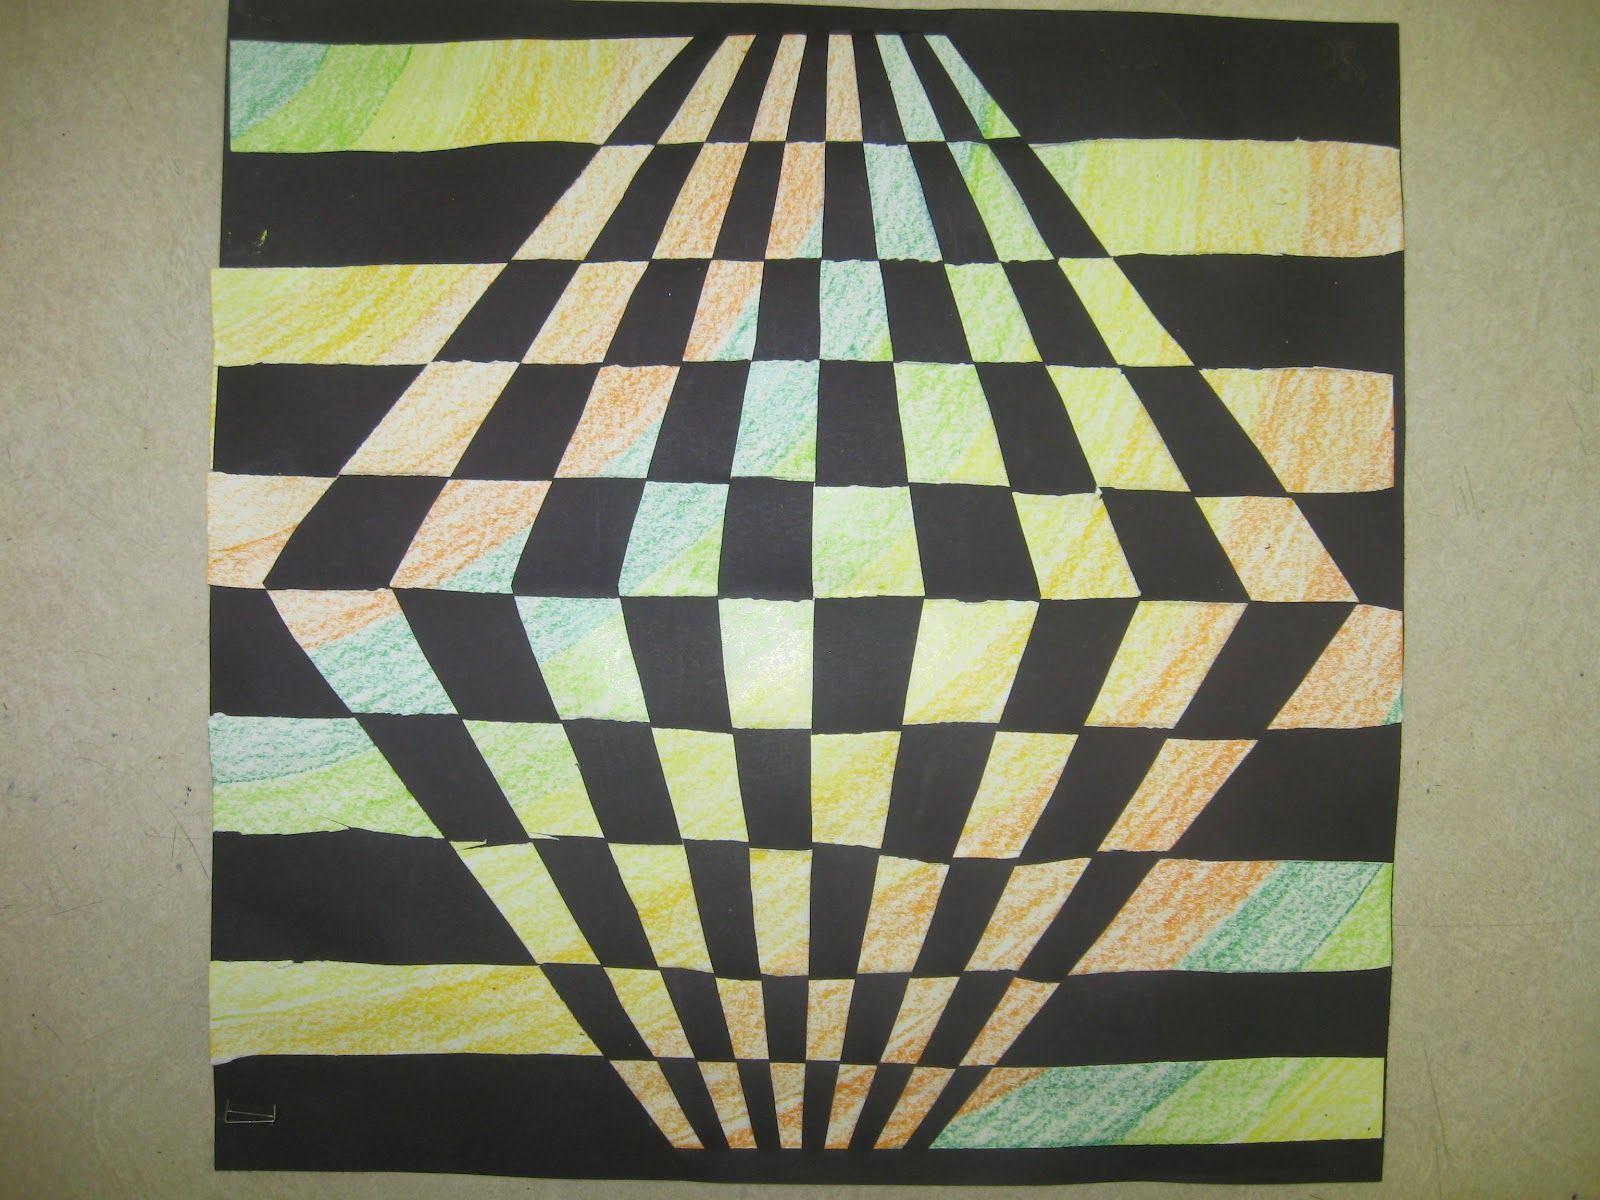 Miss Young S Art Room 6th Grade Op Art Paper Weaving